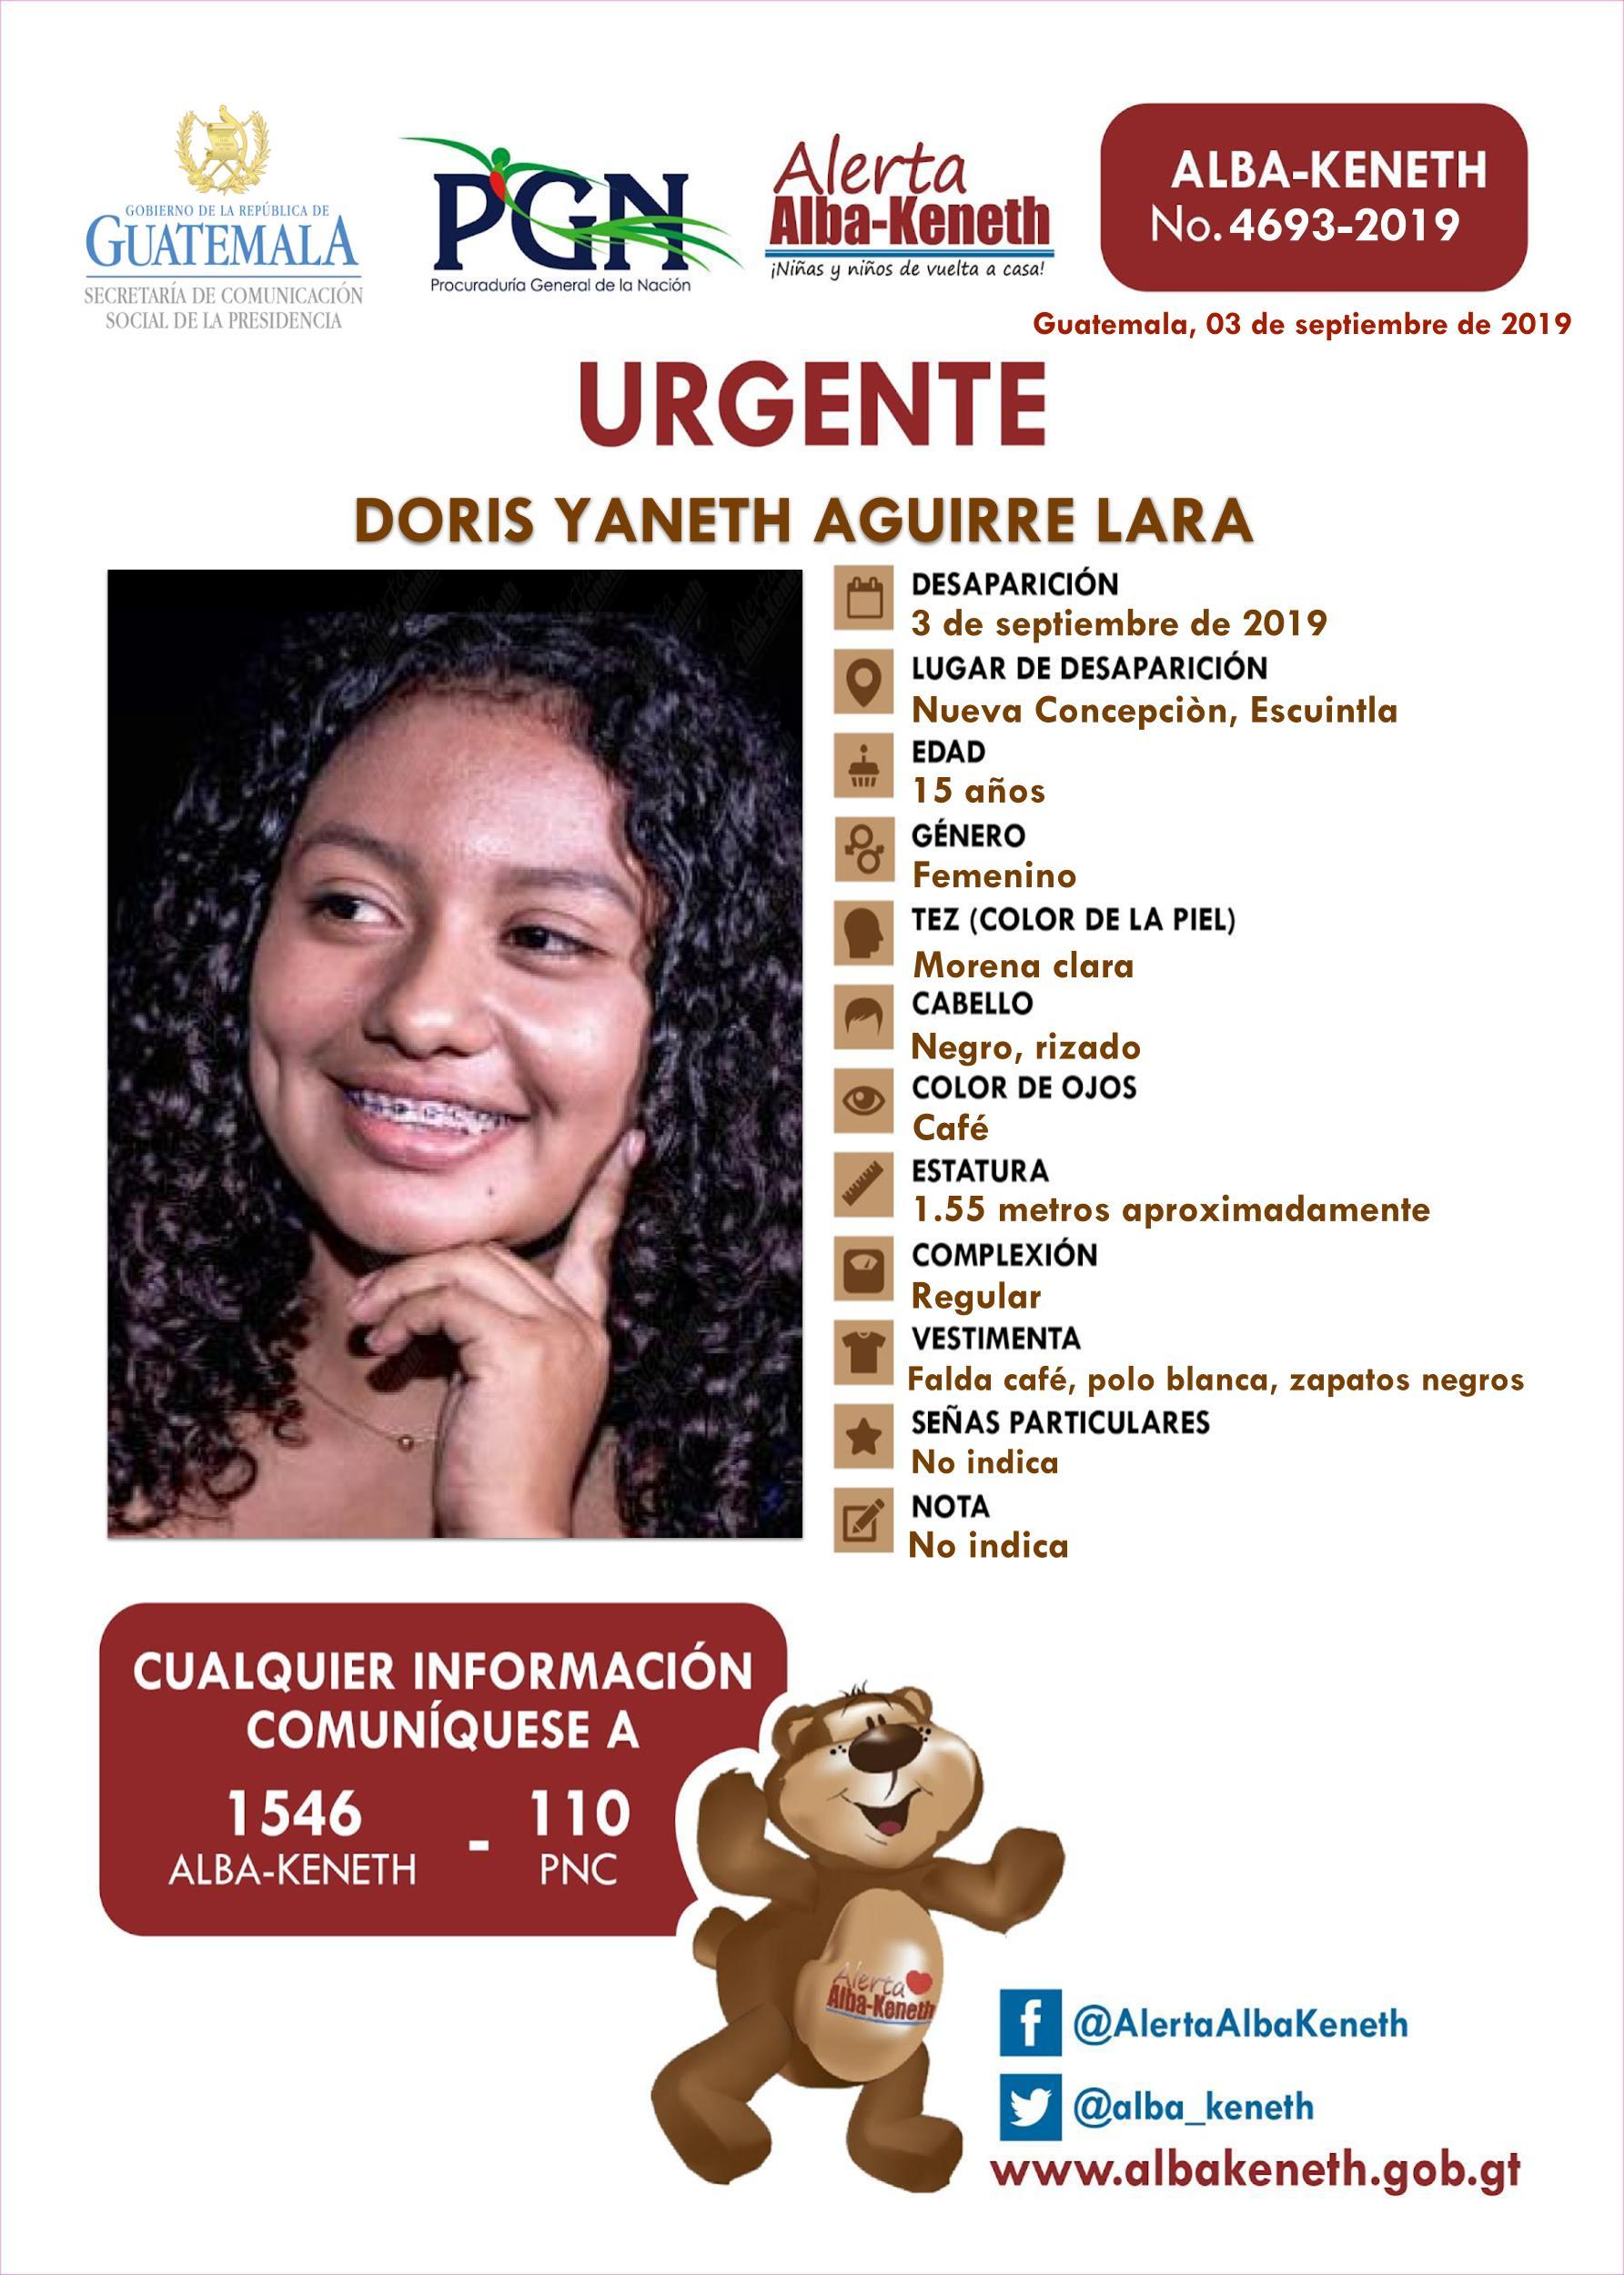 Doris Yaneth Aguirre Lara